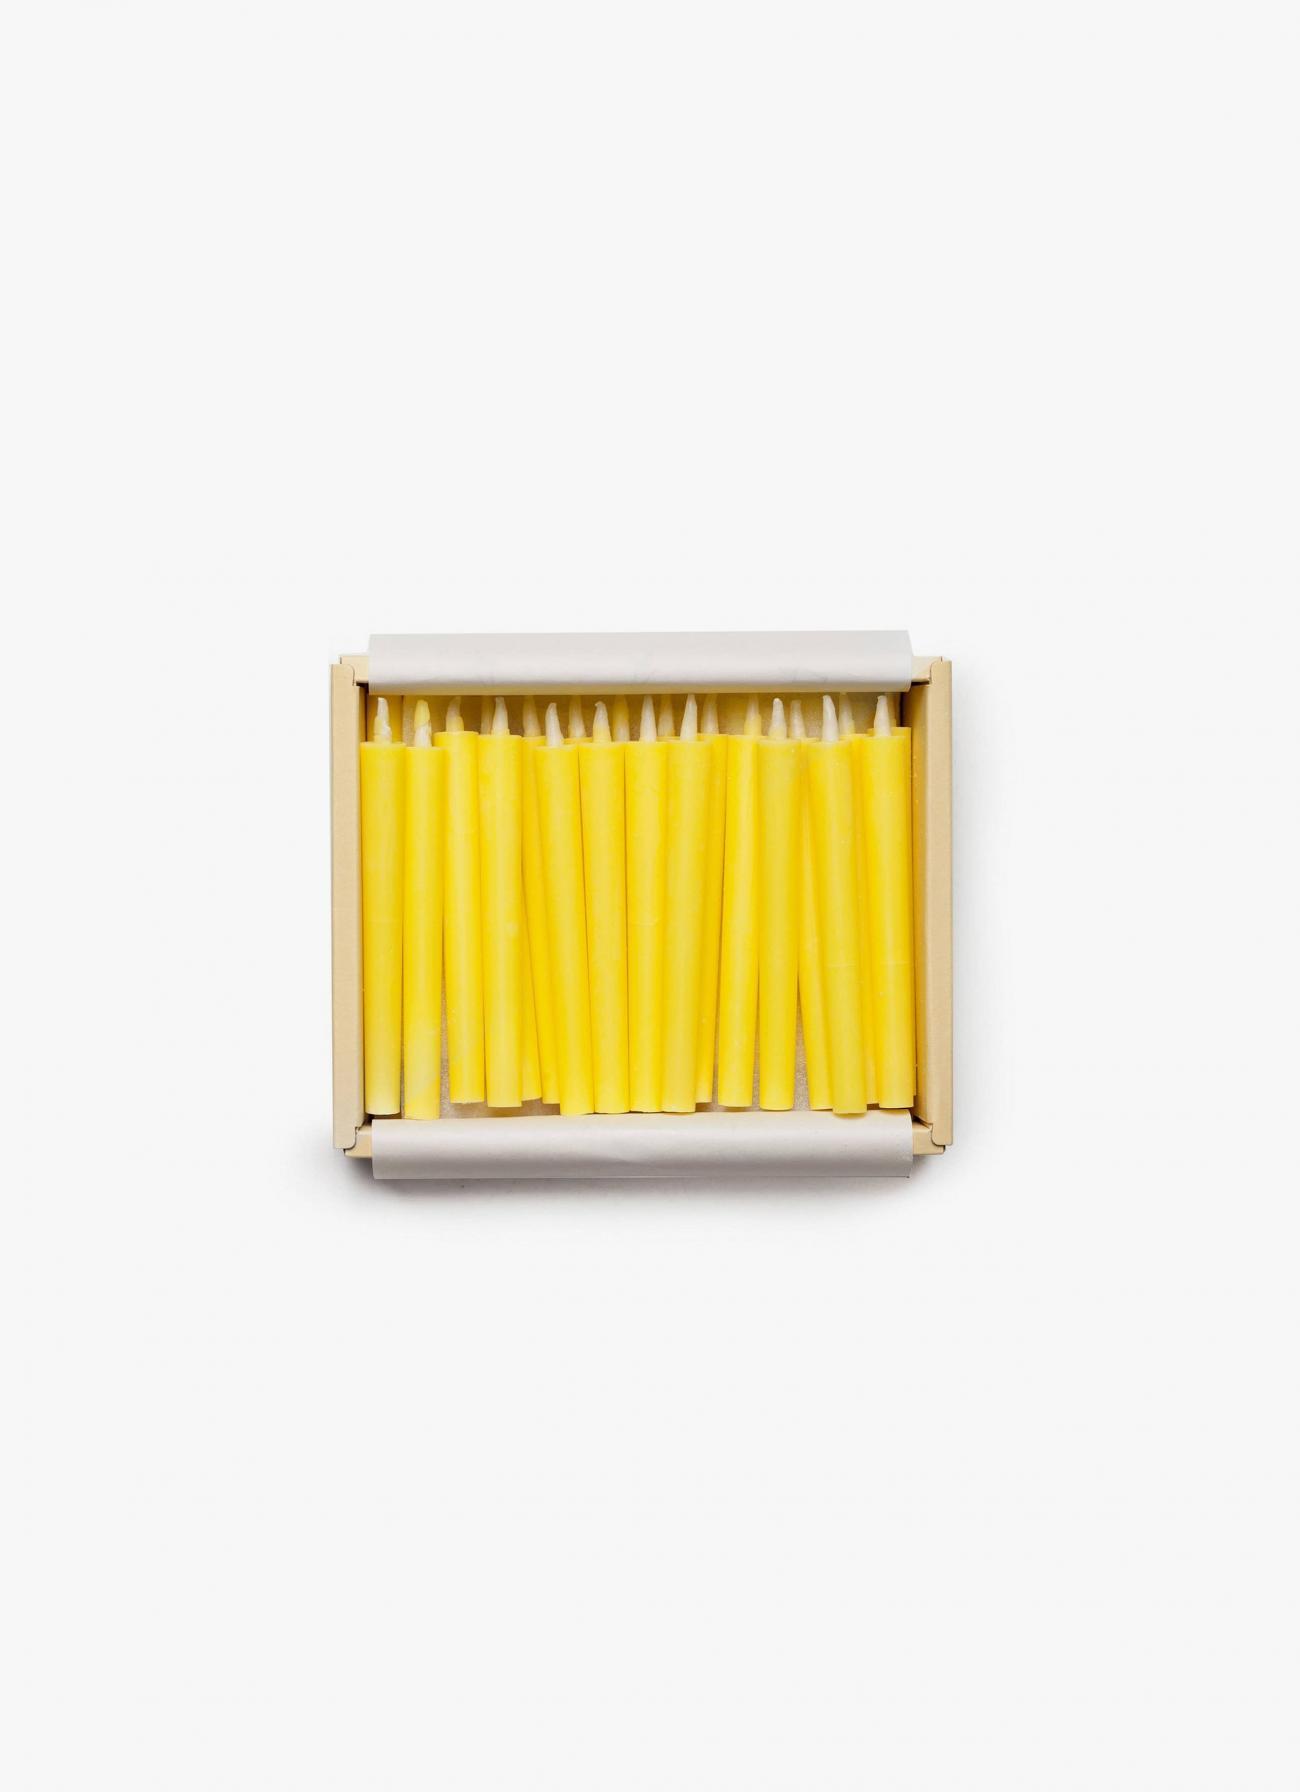 Takazawa - Japanese Nanohana candles box - Set of 40